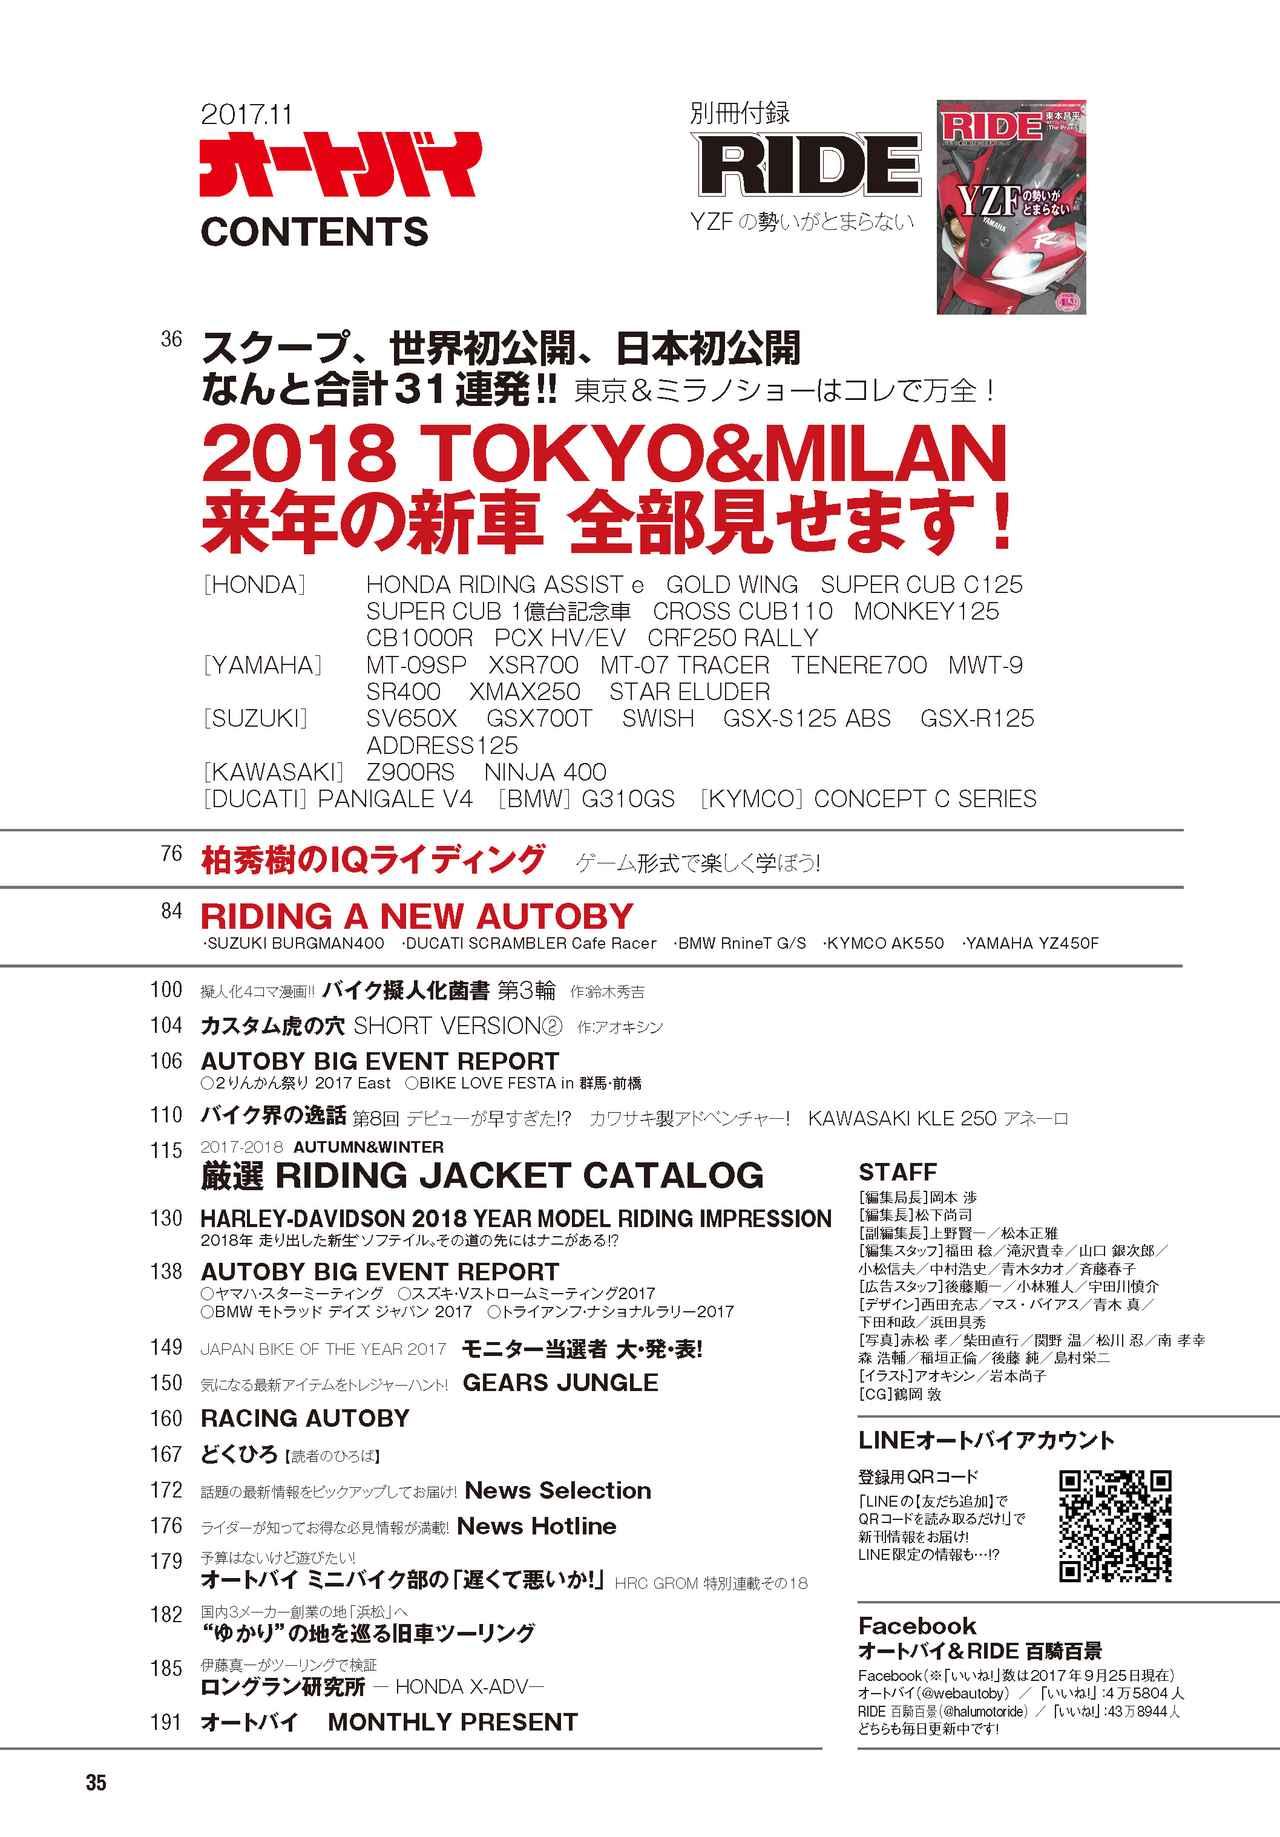 画像2: 【東京モーターショー2017】【EICMA2017】の出展車両をスクープ!